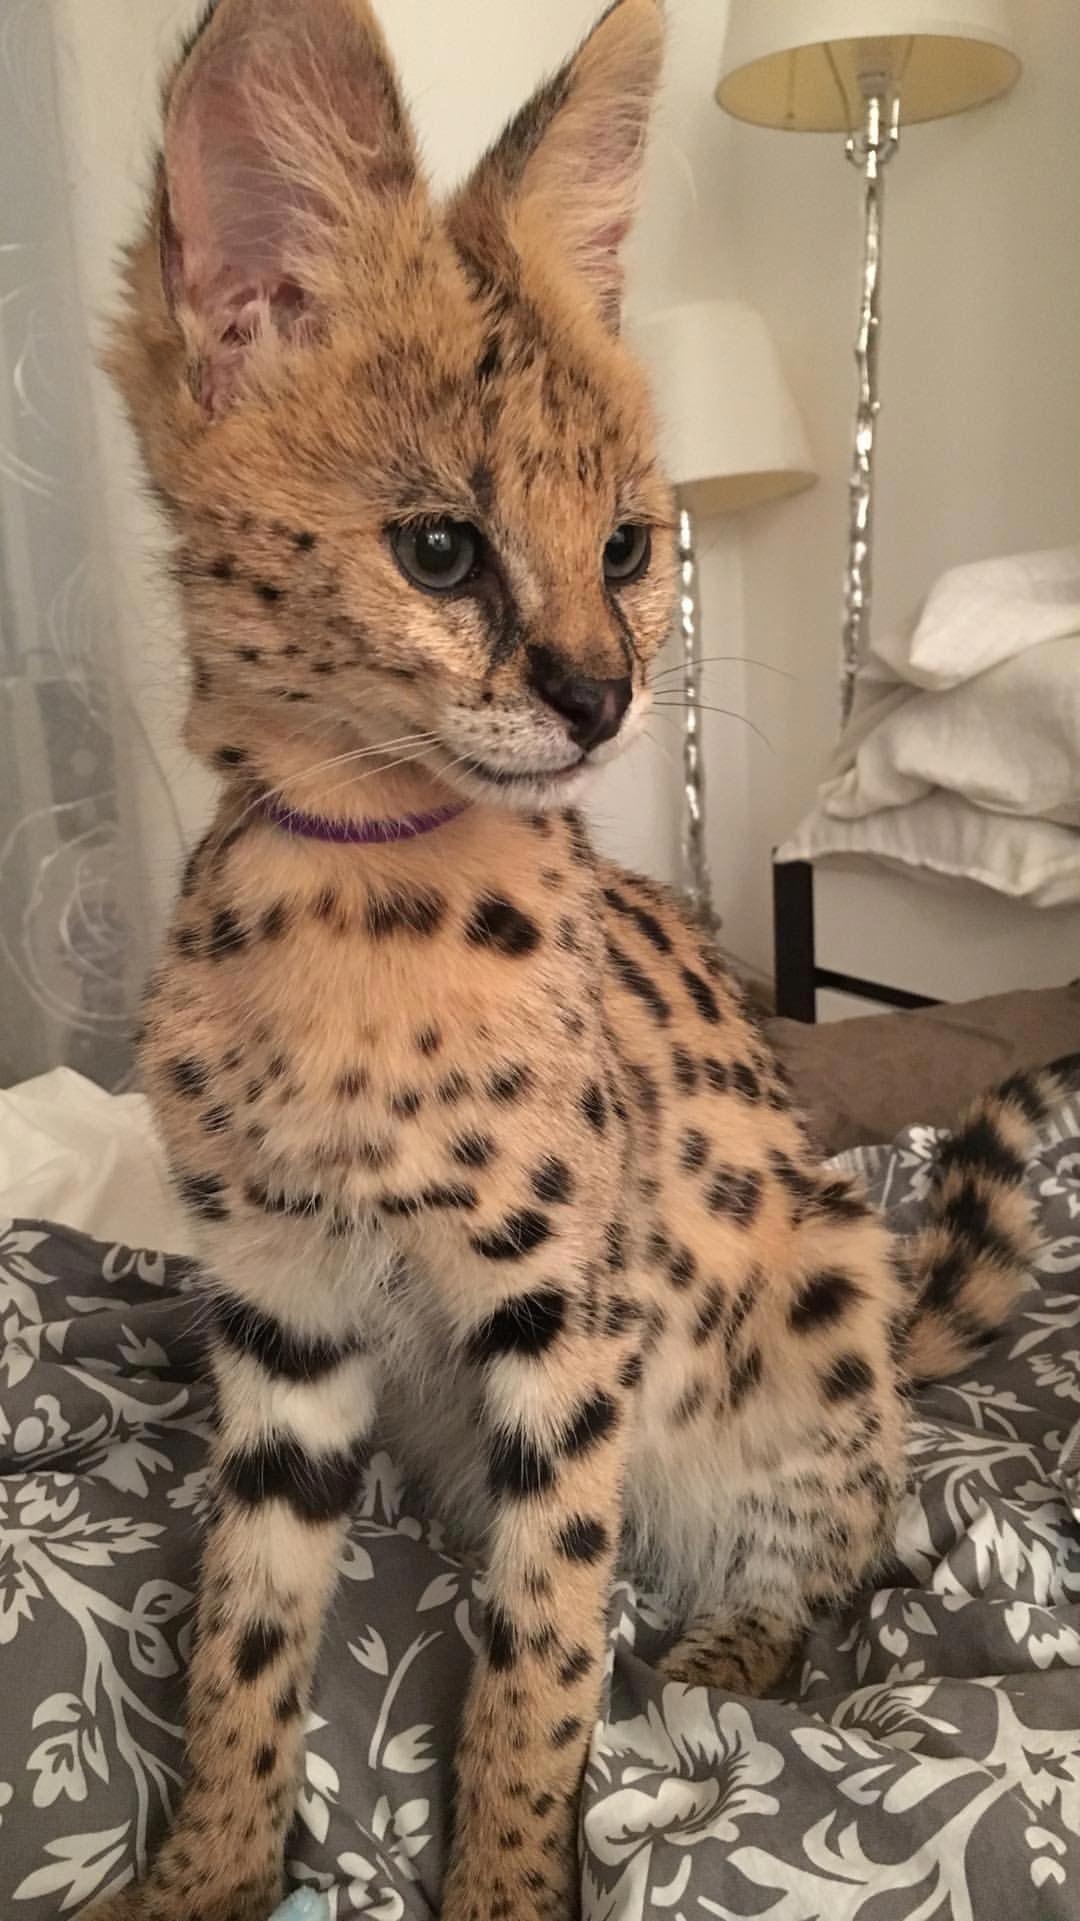 Savannah f1, cat, cats, #servalcats | Serval cats, Cats, Savannah cat